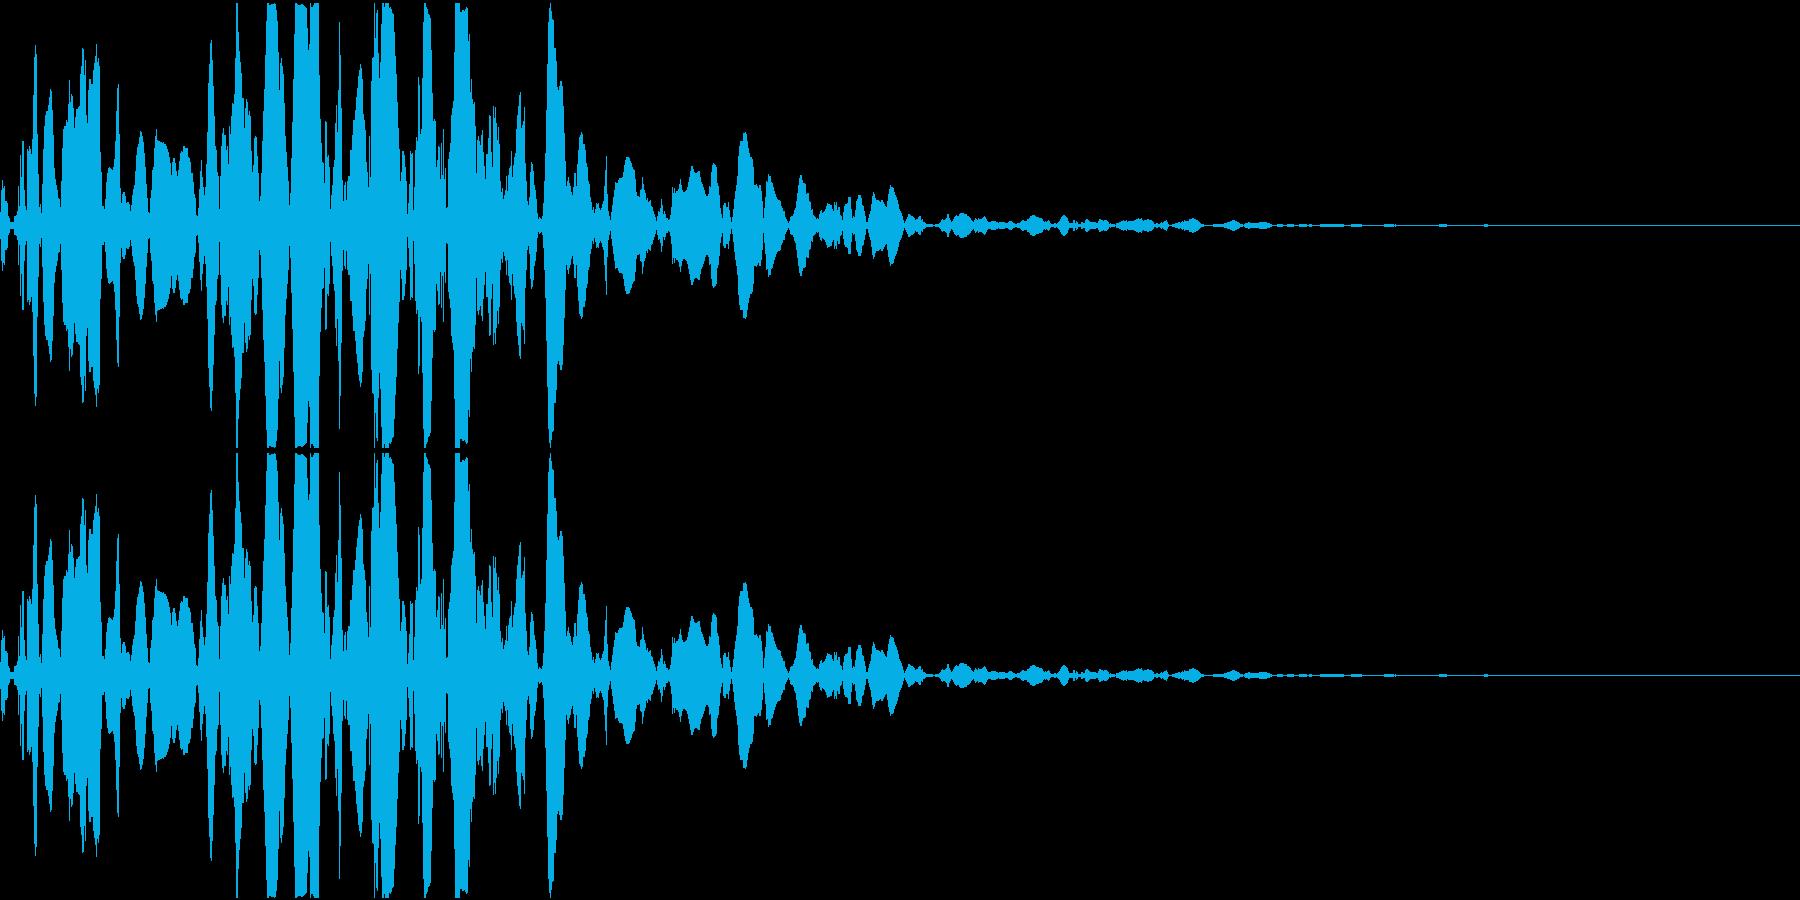 ベチャッ09(泥・液体系のアクション音)の再生済みの波形